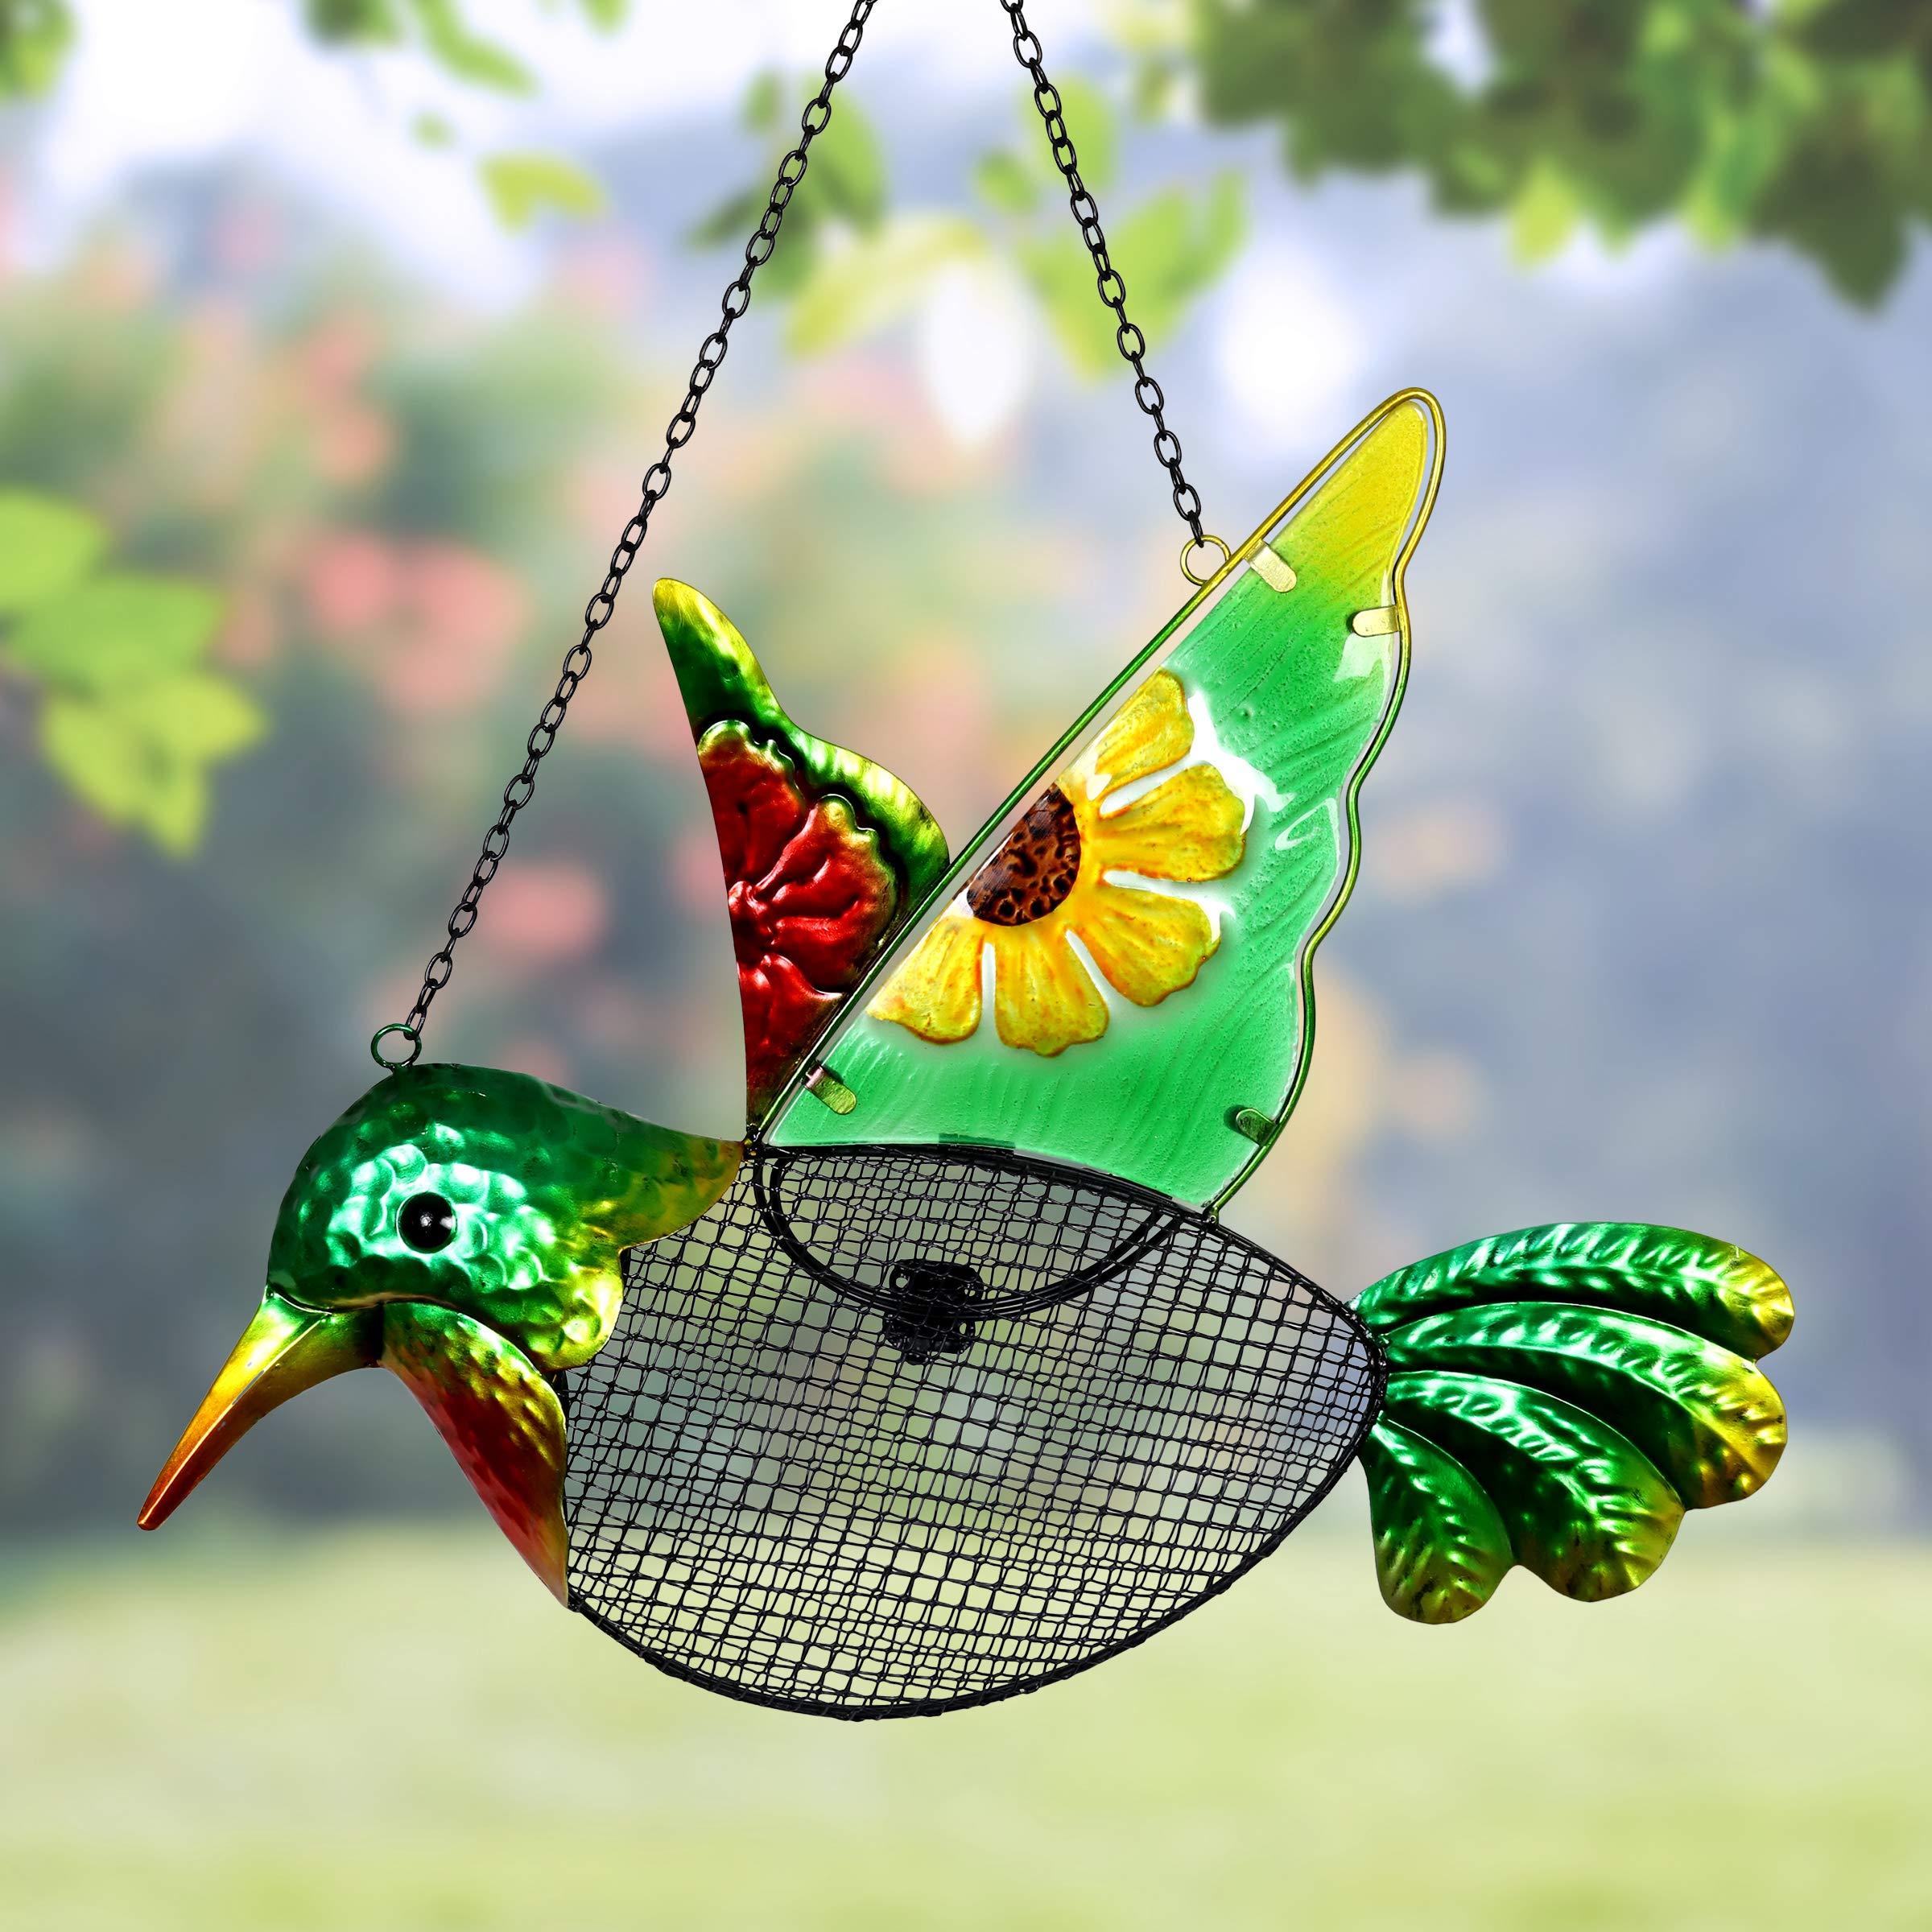 Exhart Metal Hummingbird Hanging Bird Feeder w/Metal Mesh Seed Basket – Features Sunflower Painting on Green Hummingbird w/Metal Embossing Design, Garden Art Metal Bird Feeders, 15 x 18 Inches